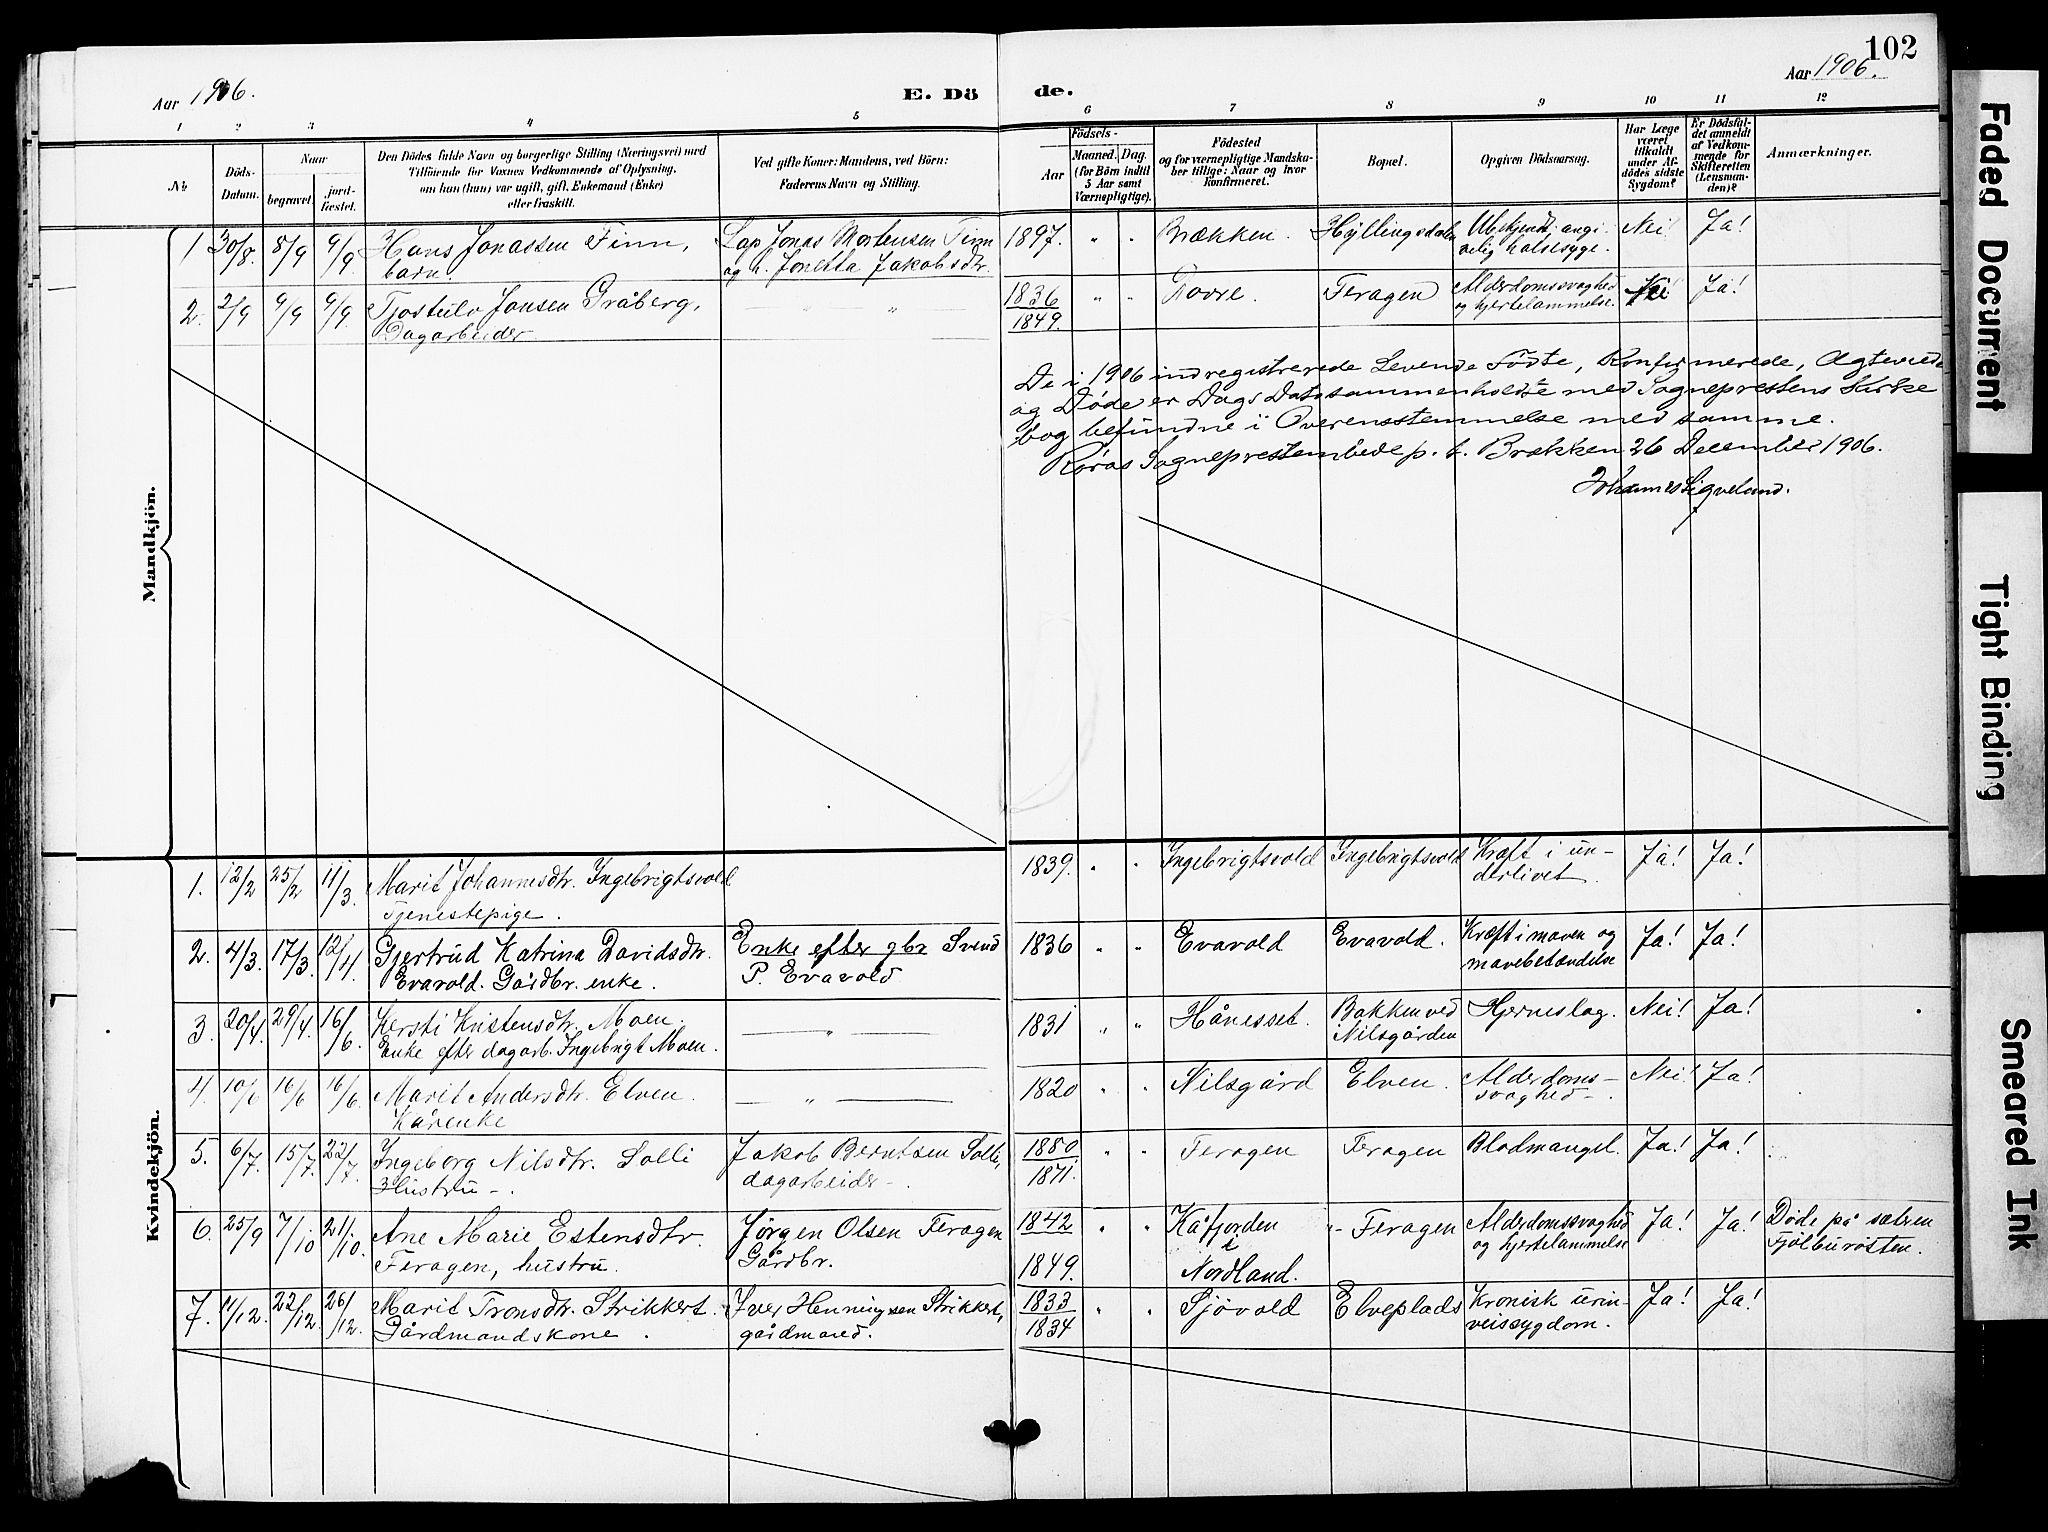 SAT, Ministerialprotokoller, klokkerbøker og fødselsregistre - Sør-Trøndelag, 683/L0950: Klokkerbok nr. 683C02, 1897-1918, s. 102